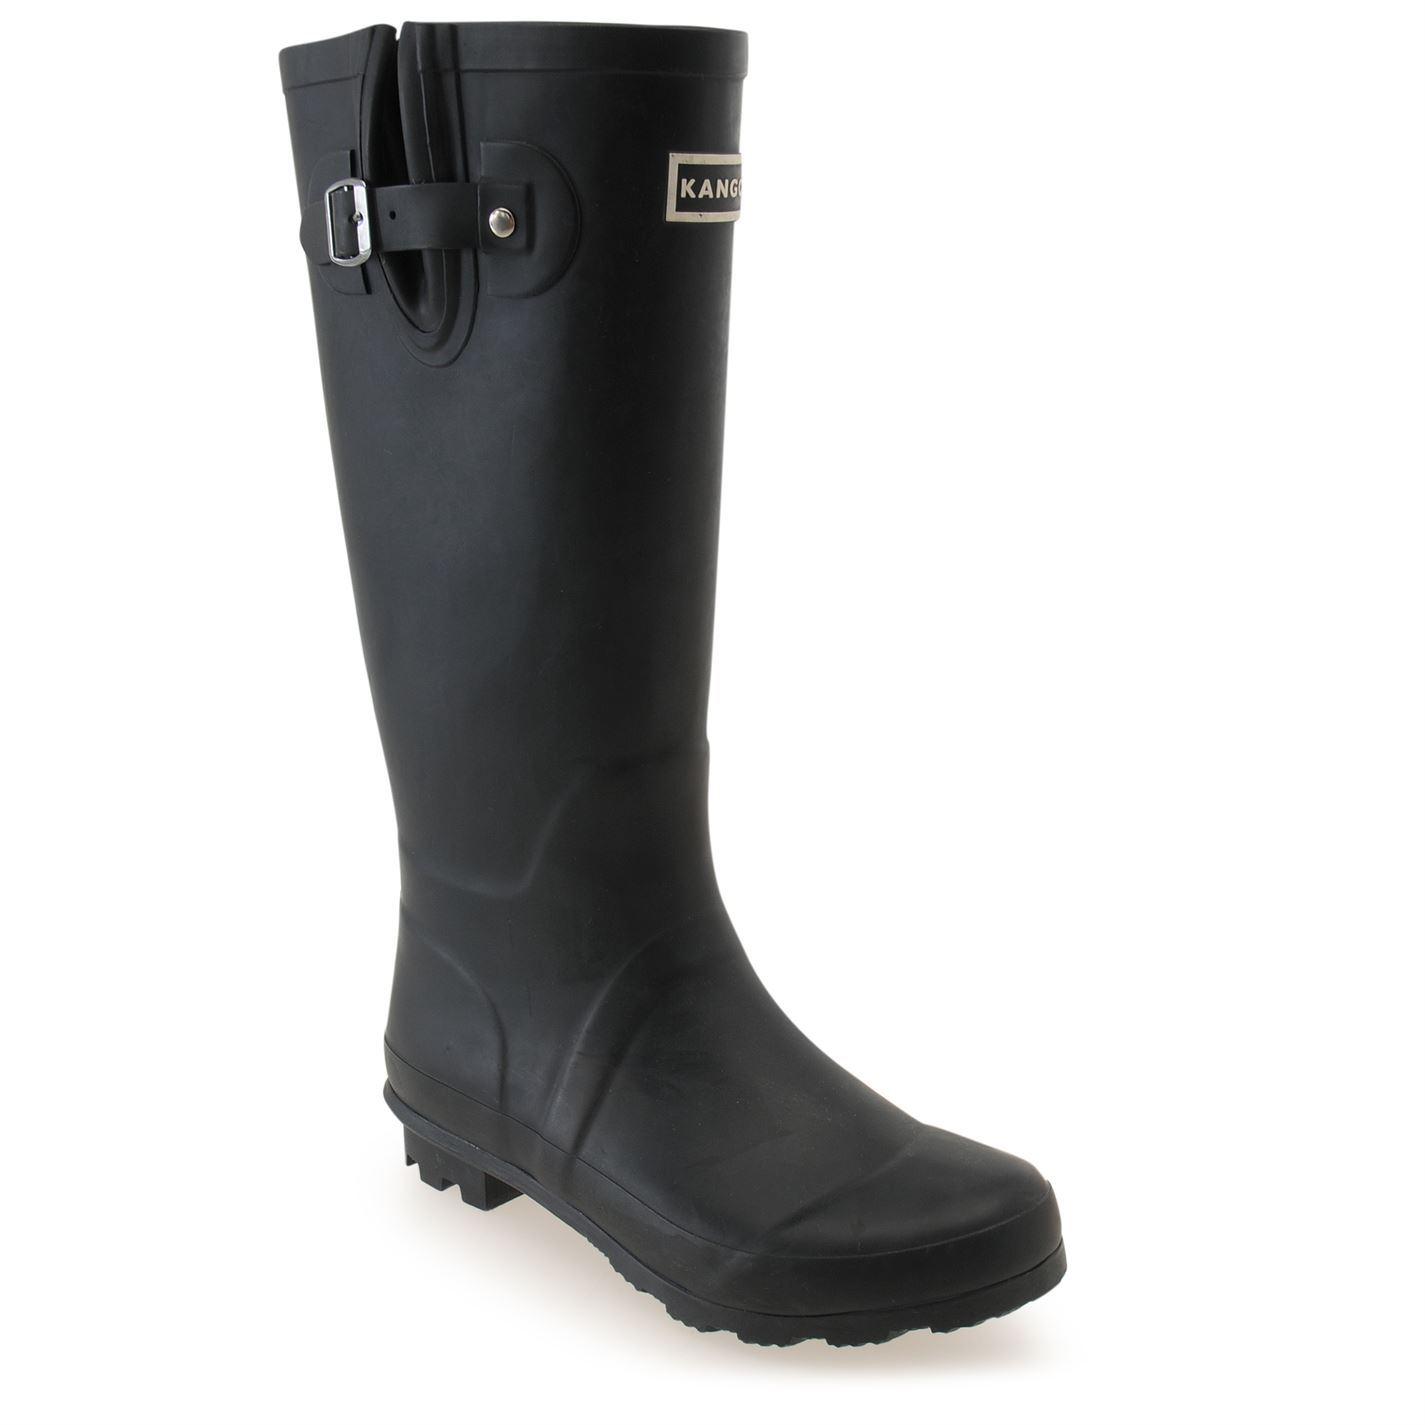 kangol womens wellies wellington boots rubber